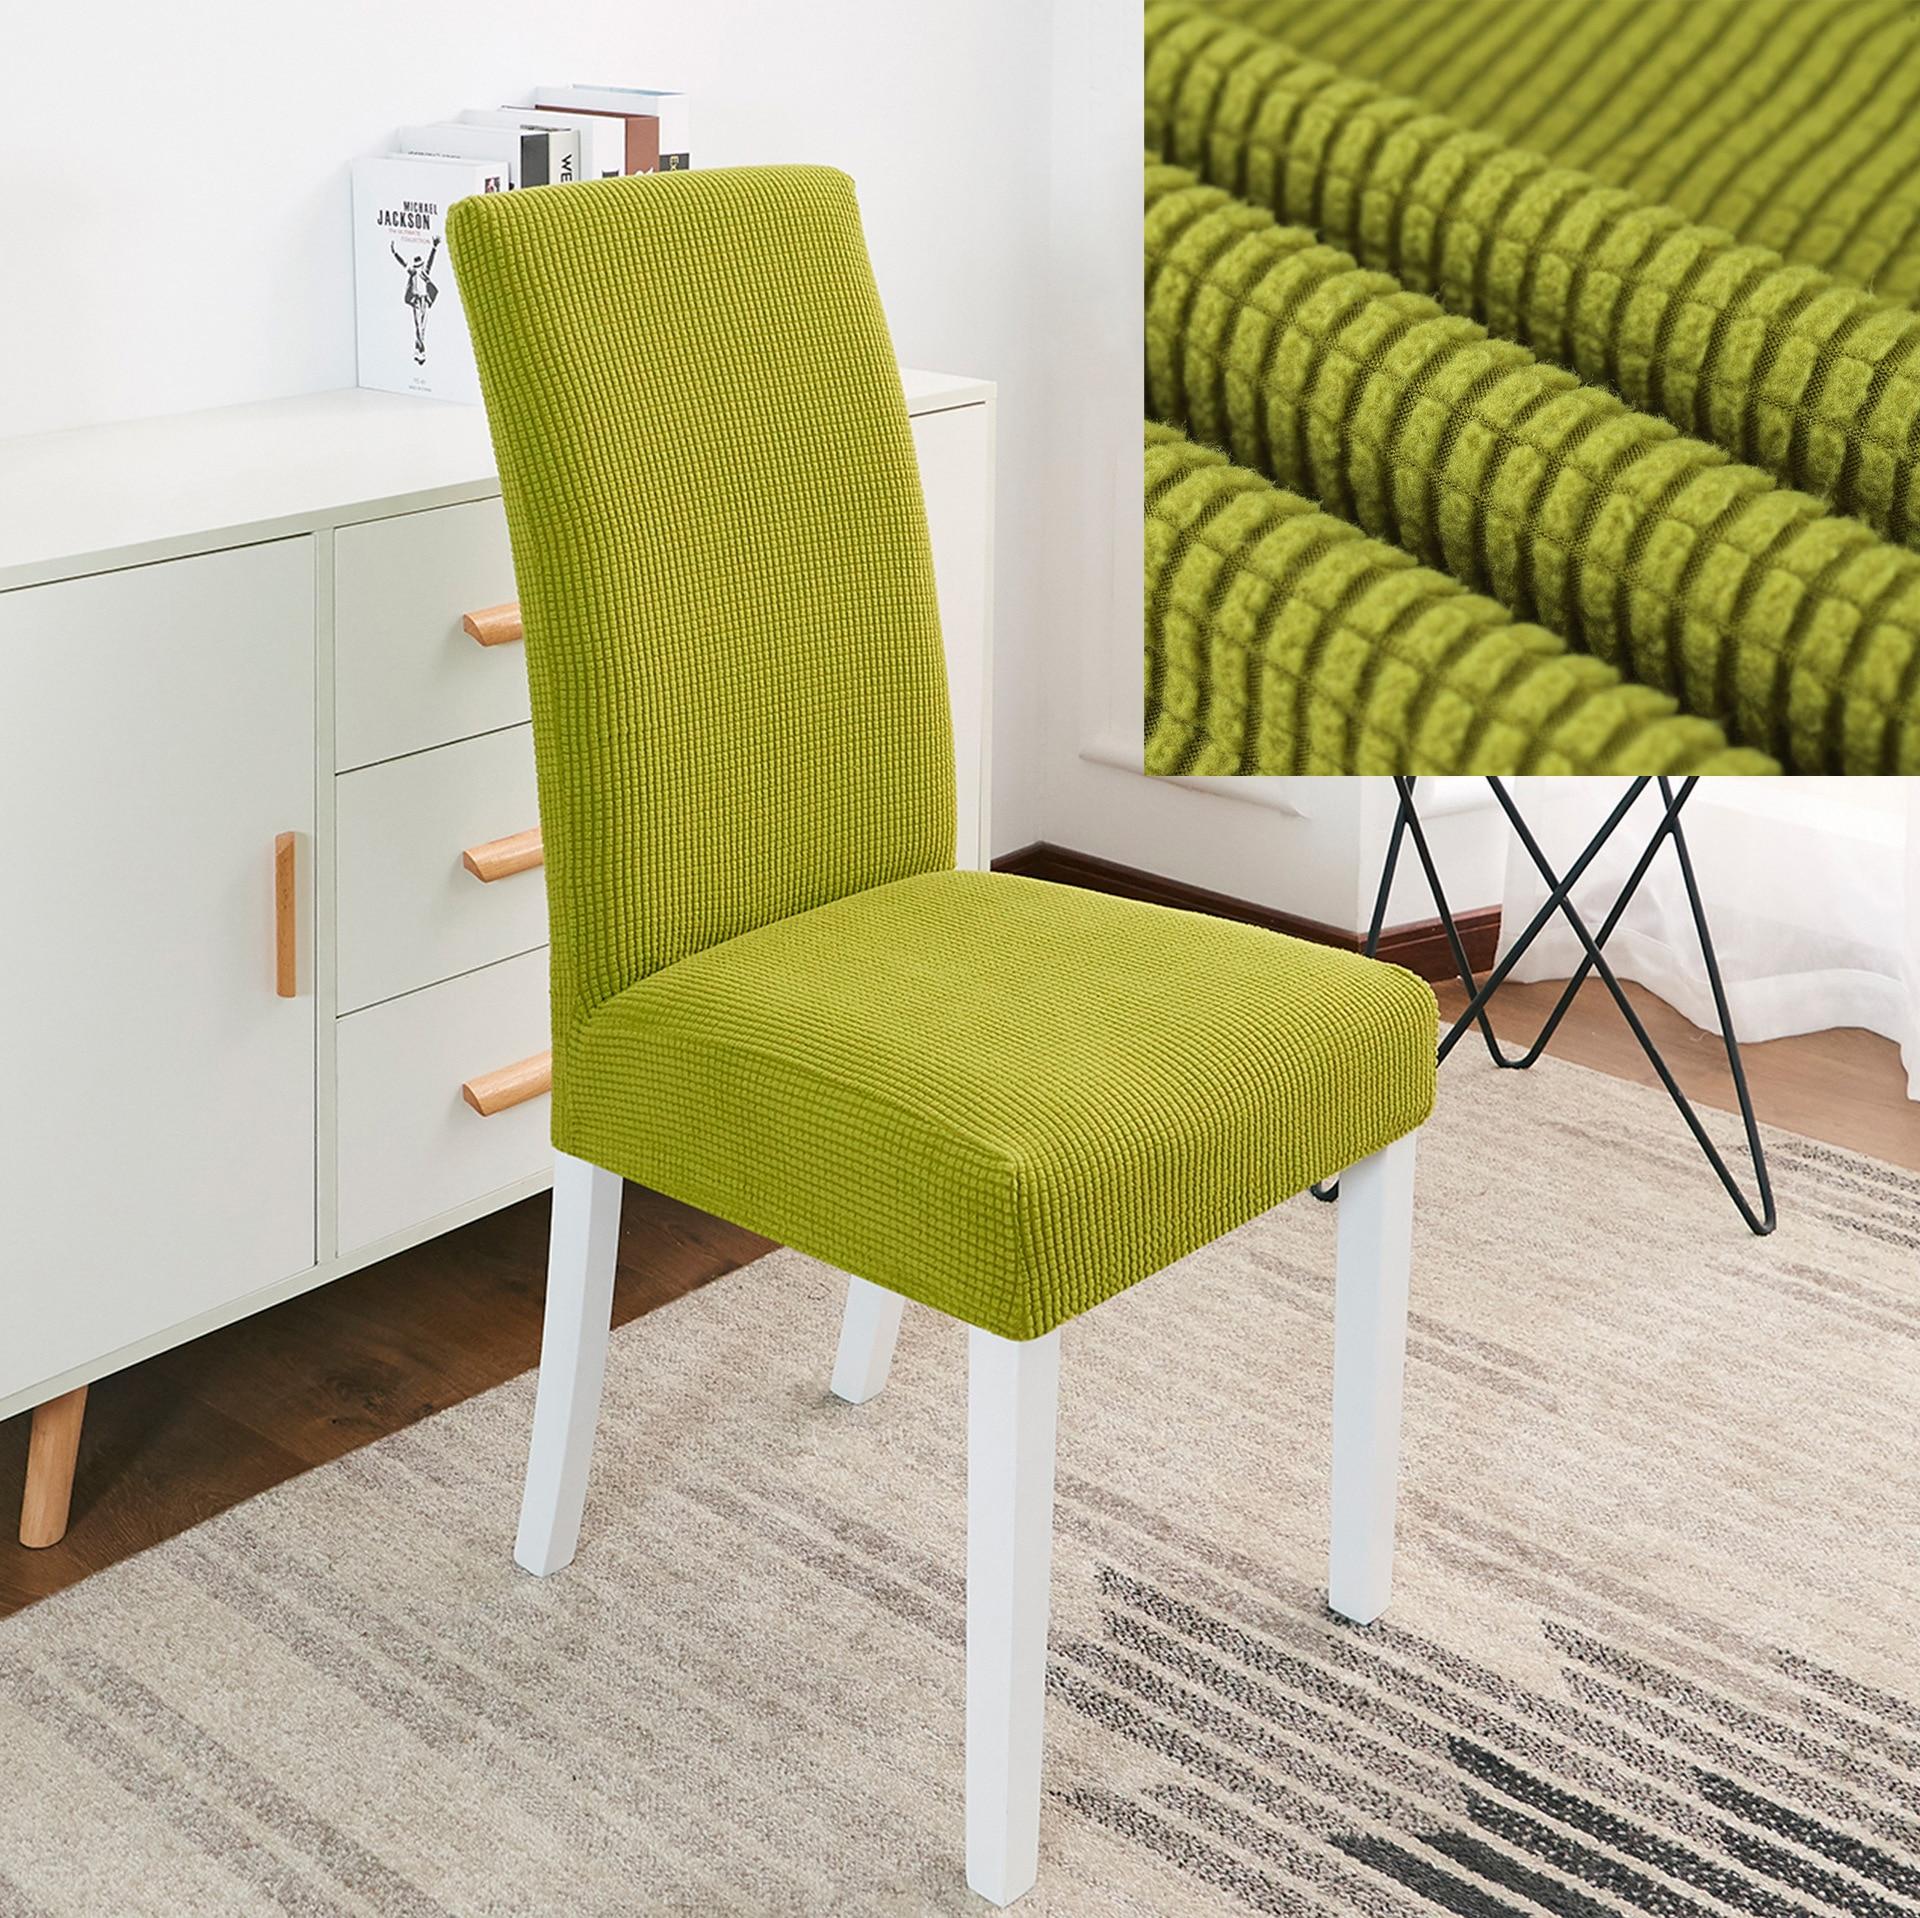 Новинка 2019 клетчатые флисовые утолщенные чехлы на стулья для столовой, растягивающиеся чехлы для сидений, защитный чехол для стула для ресторана basen ogrodowy Чехлы на стулья      АлиЭкспресс